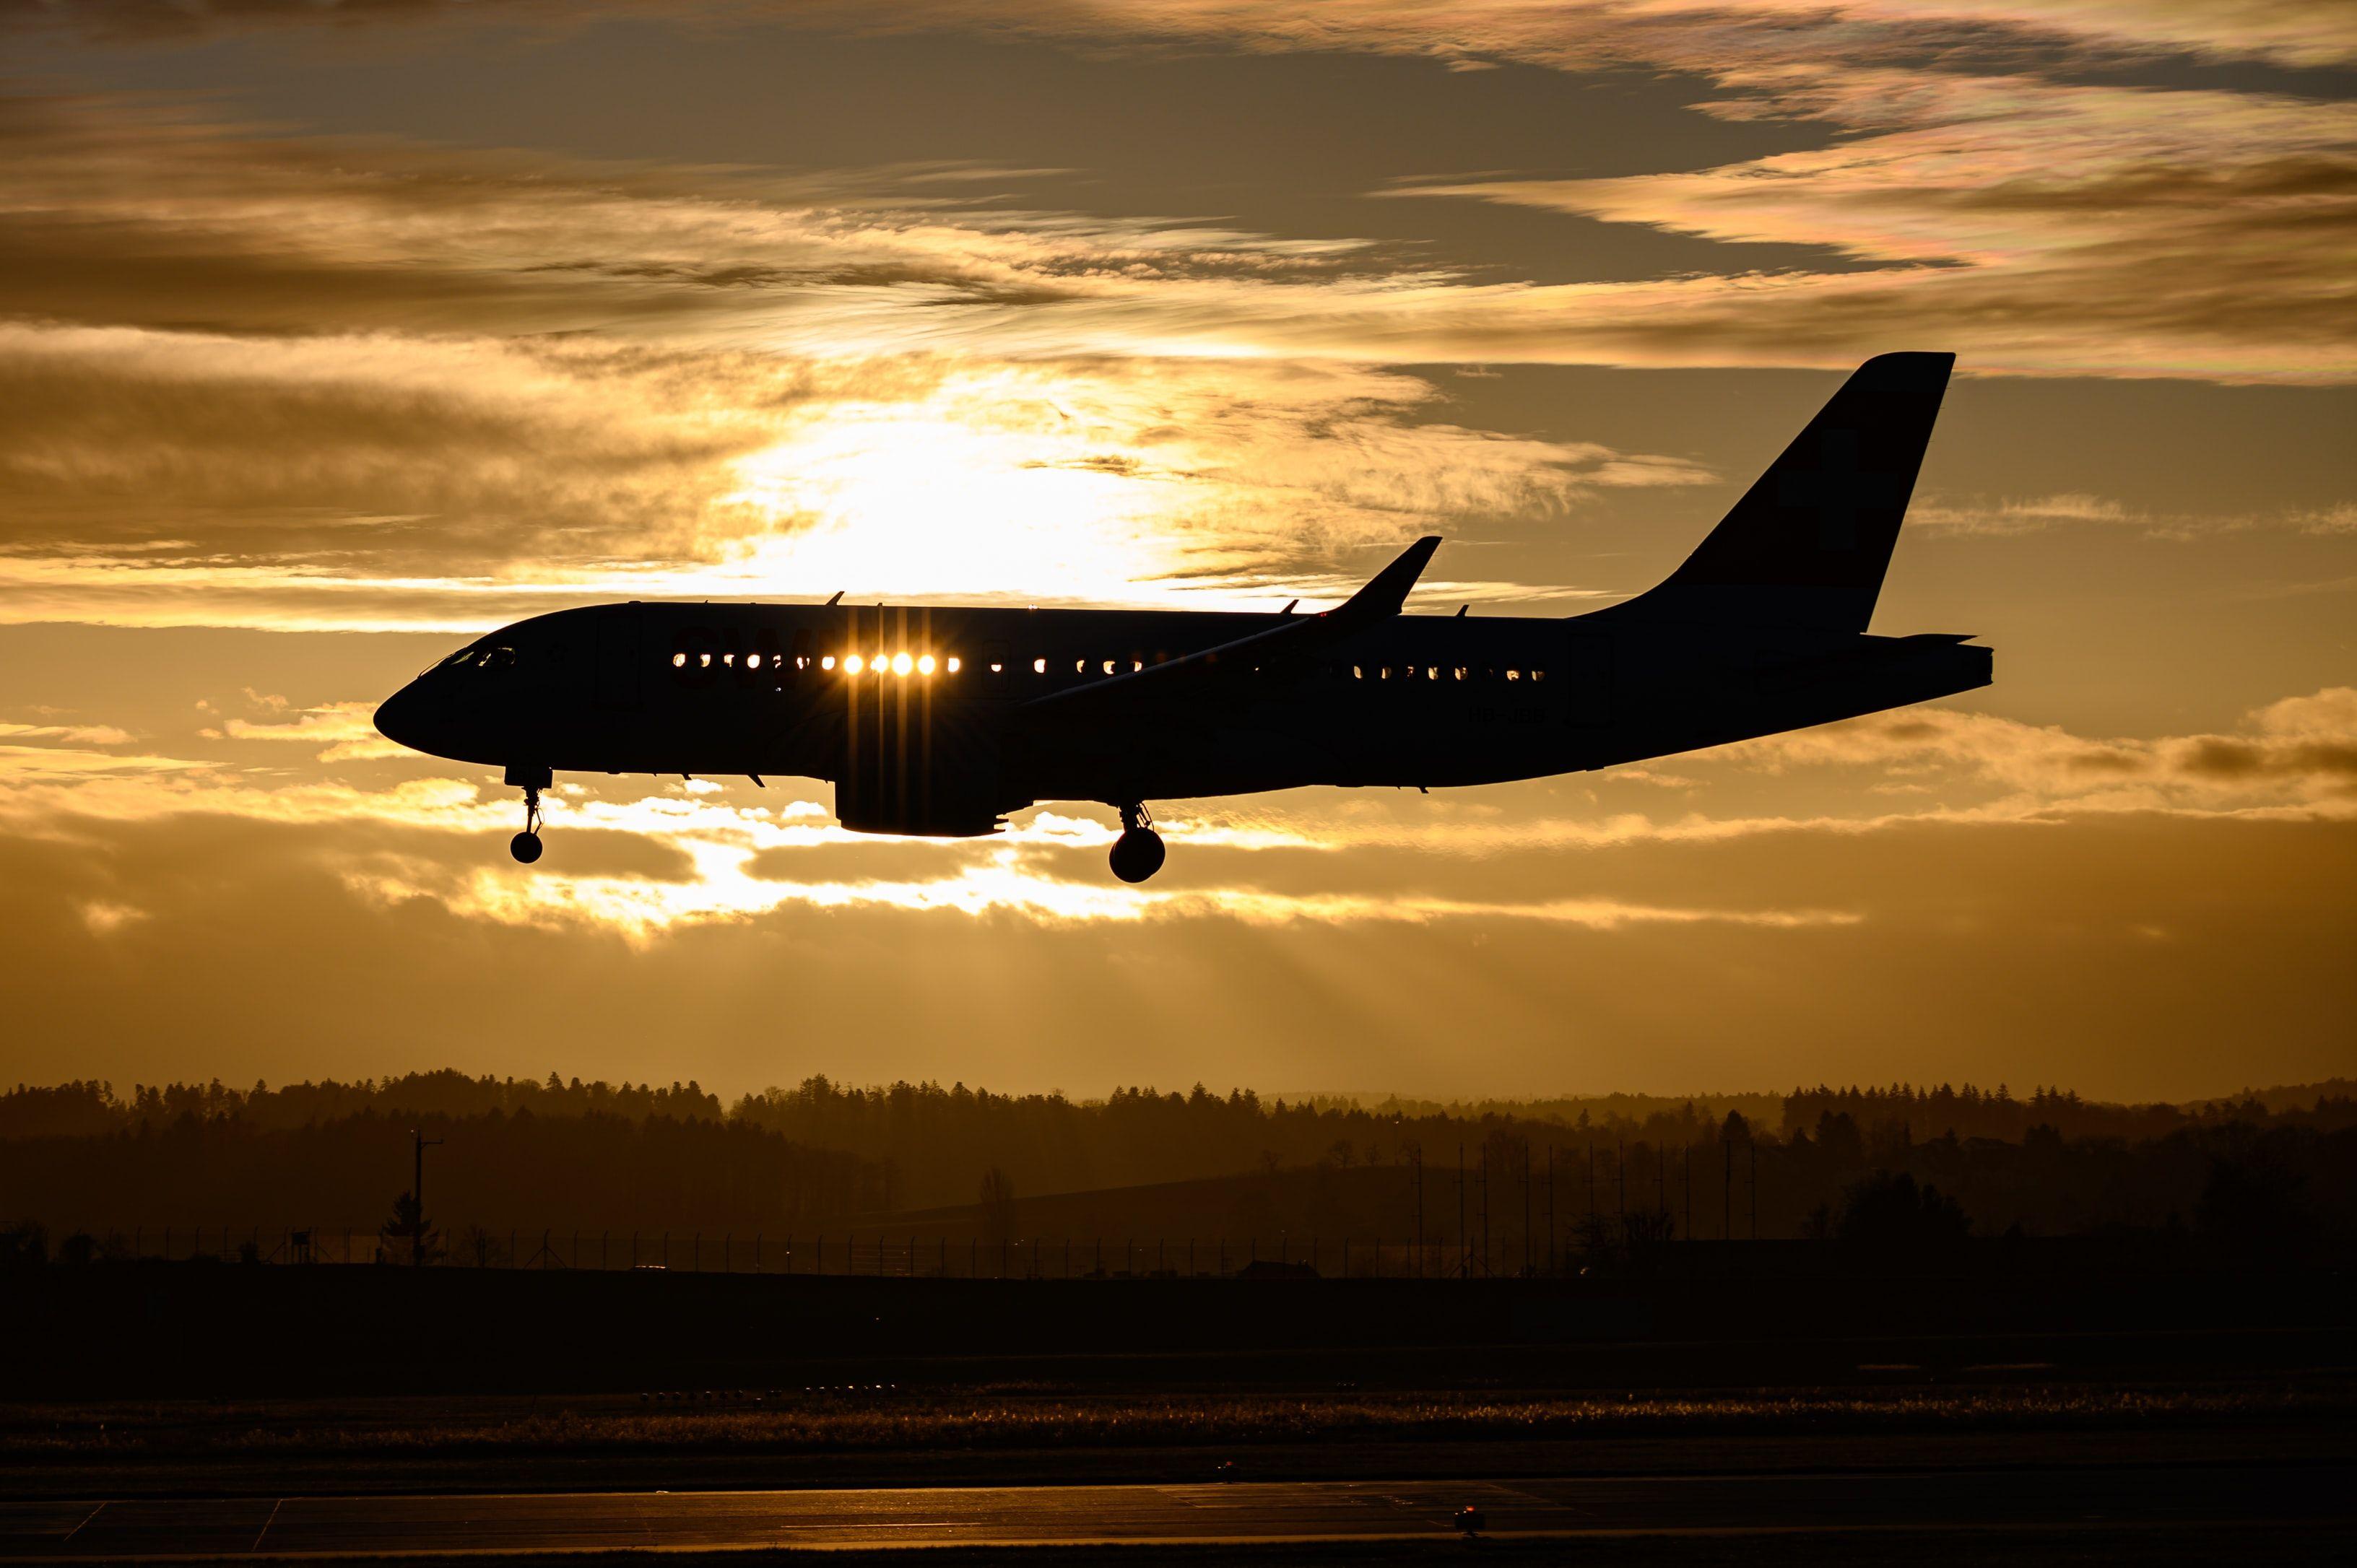 EU-Kommission will Ende von Kurzstreckenflügen